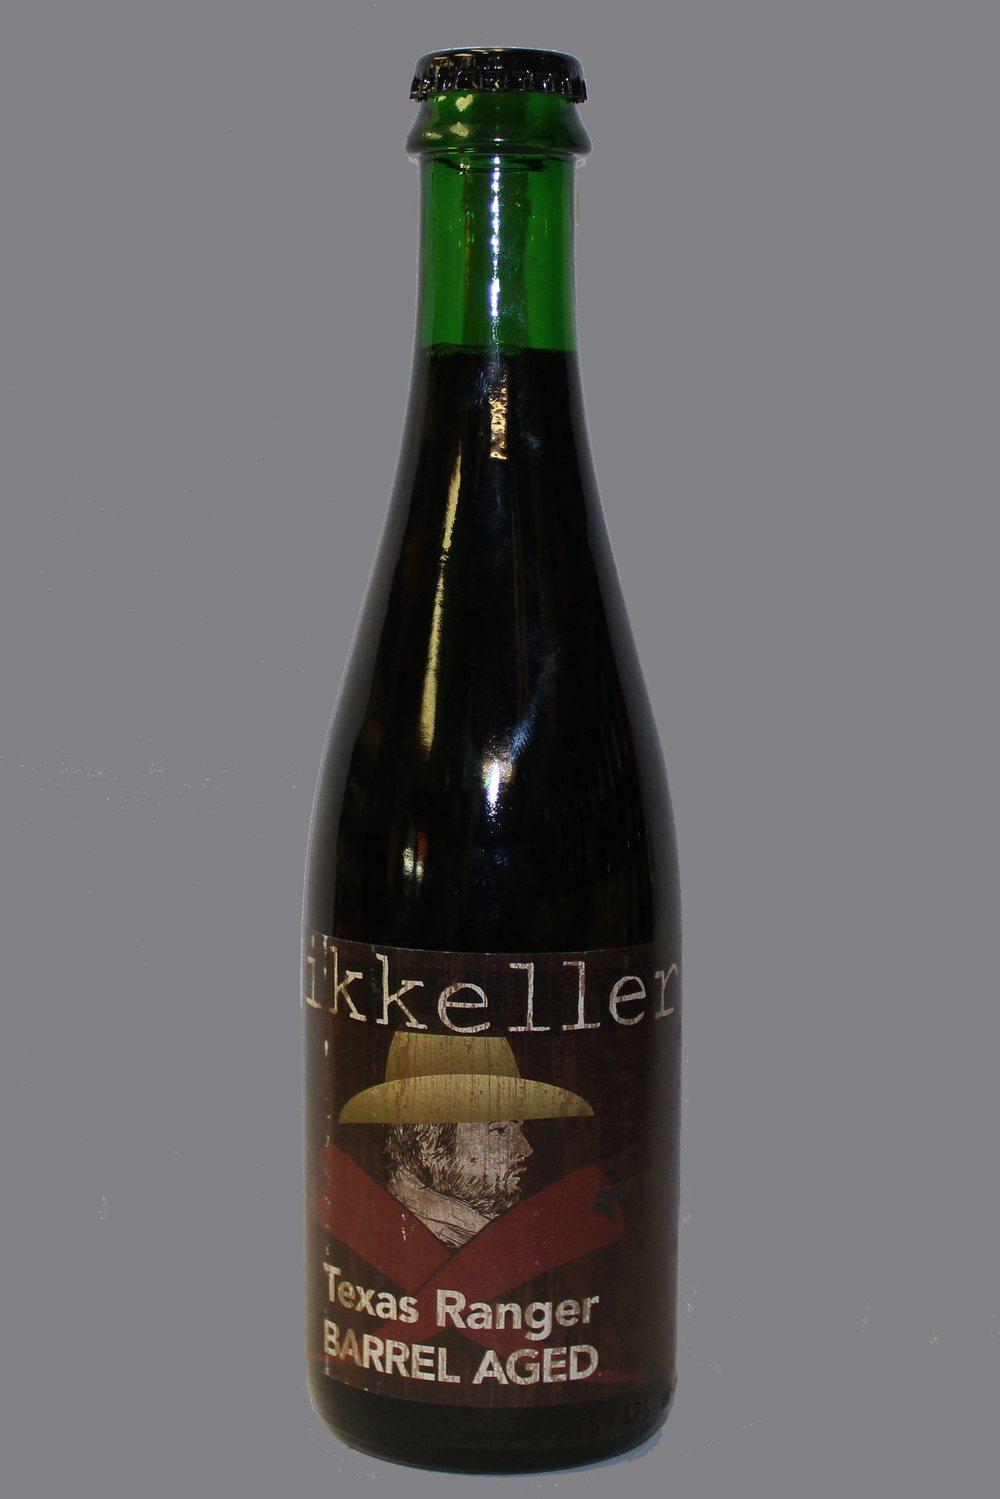 MIKKELLER-Texas Ranger Barrel Aged.jpg